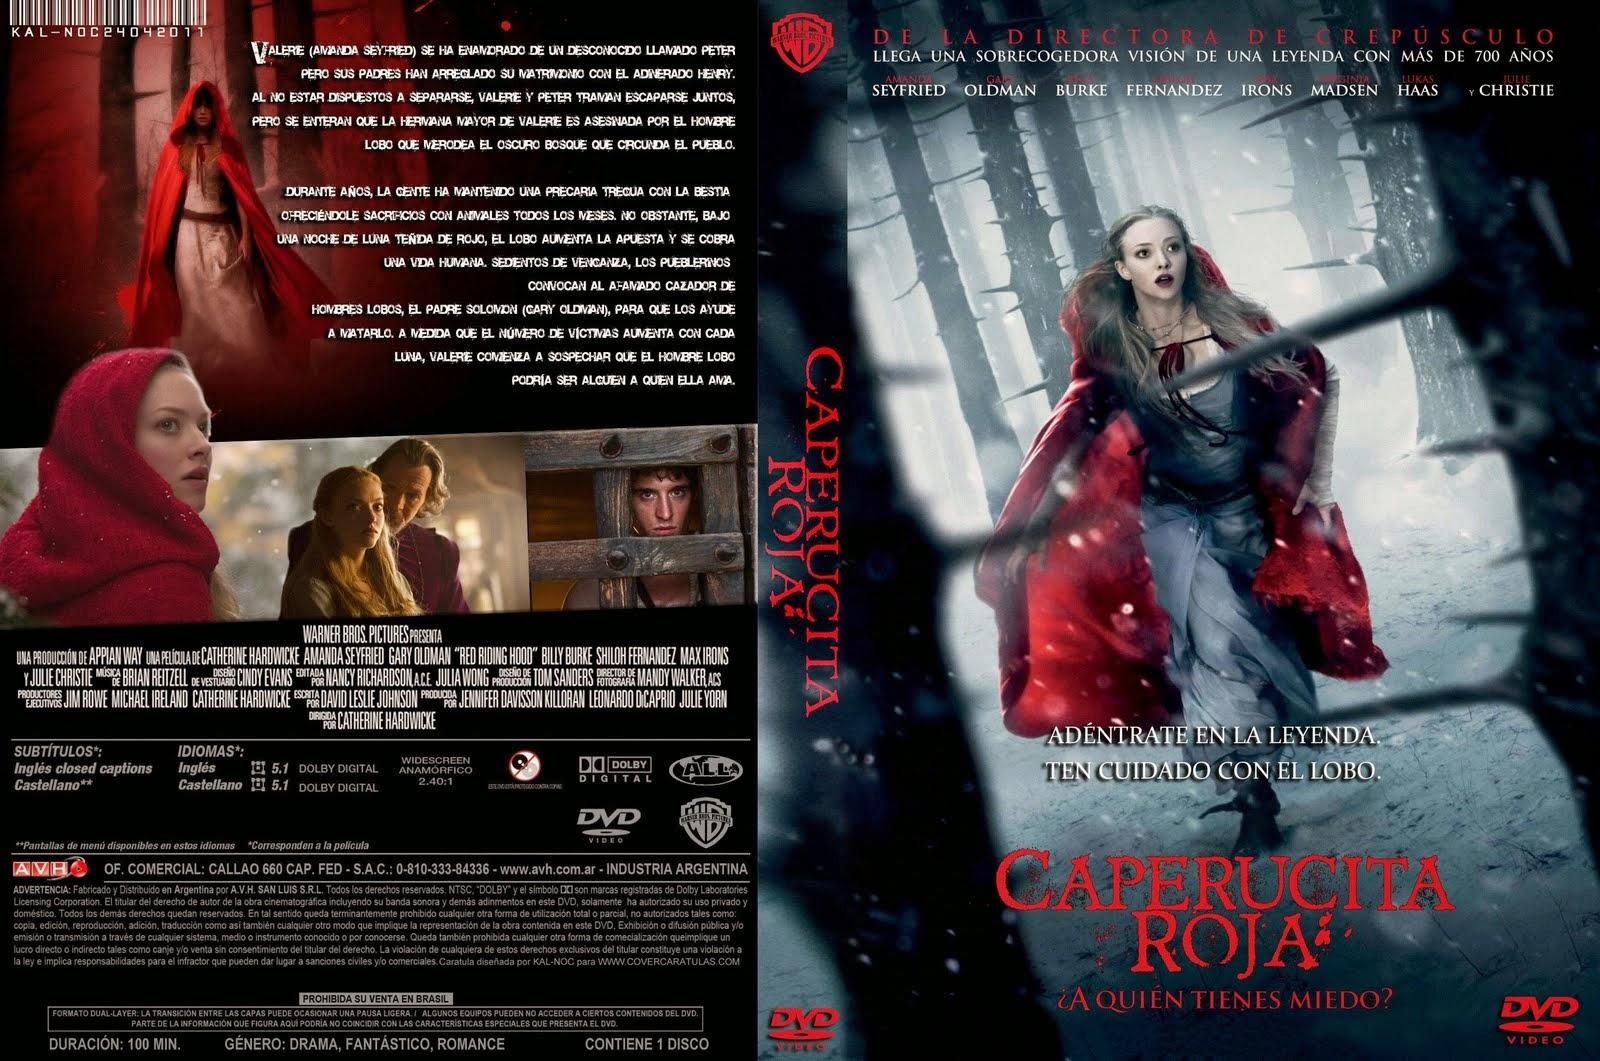 Caperucita Roja ¿A Quien Tienes Miedo? DVD